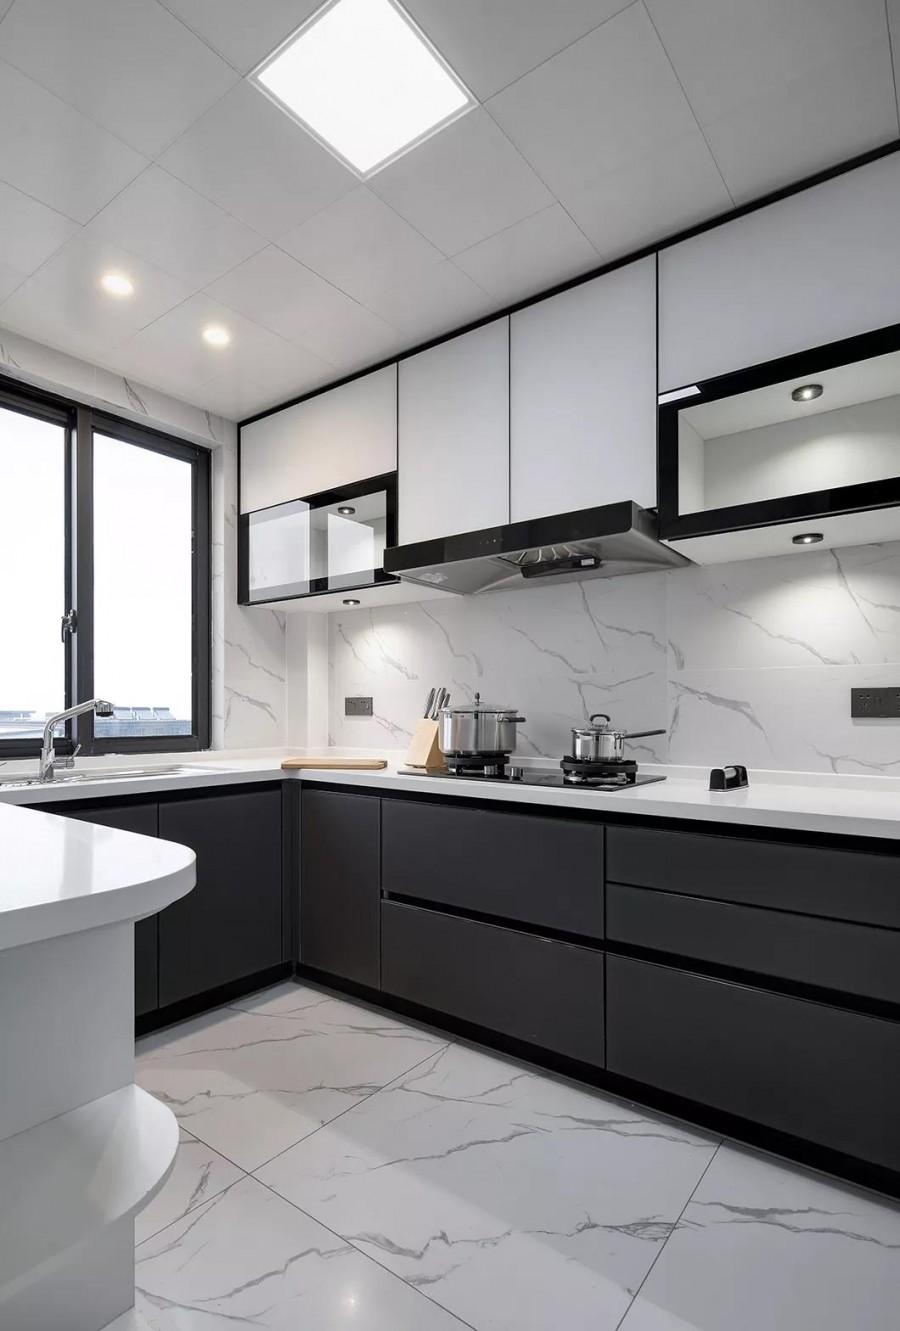 现代简约风格三居室厨房装修效果图